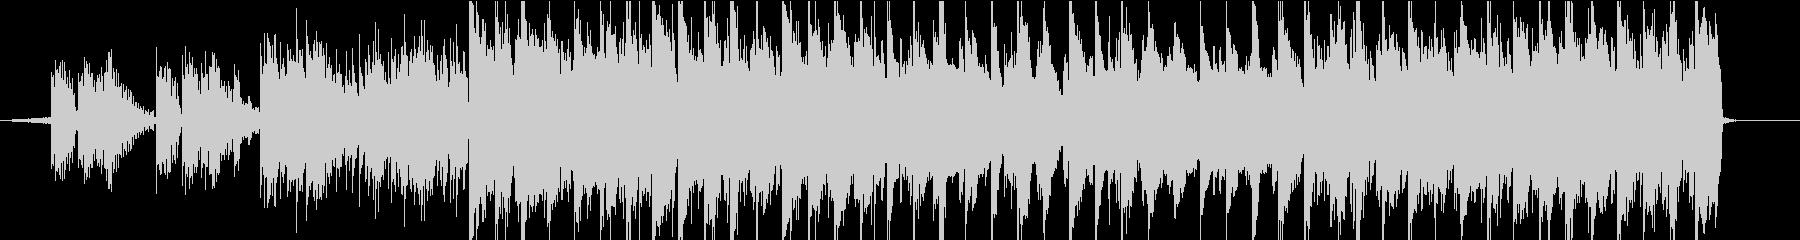 【LoFi hiphop】 チルギターの未再生の波形